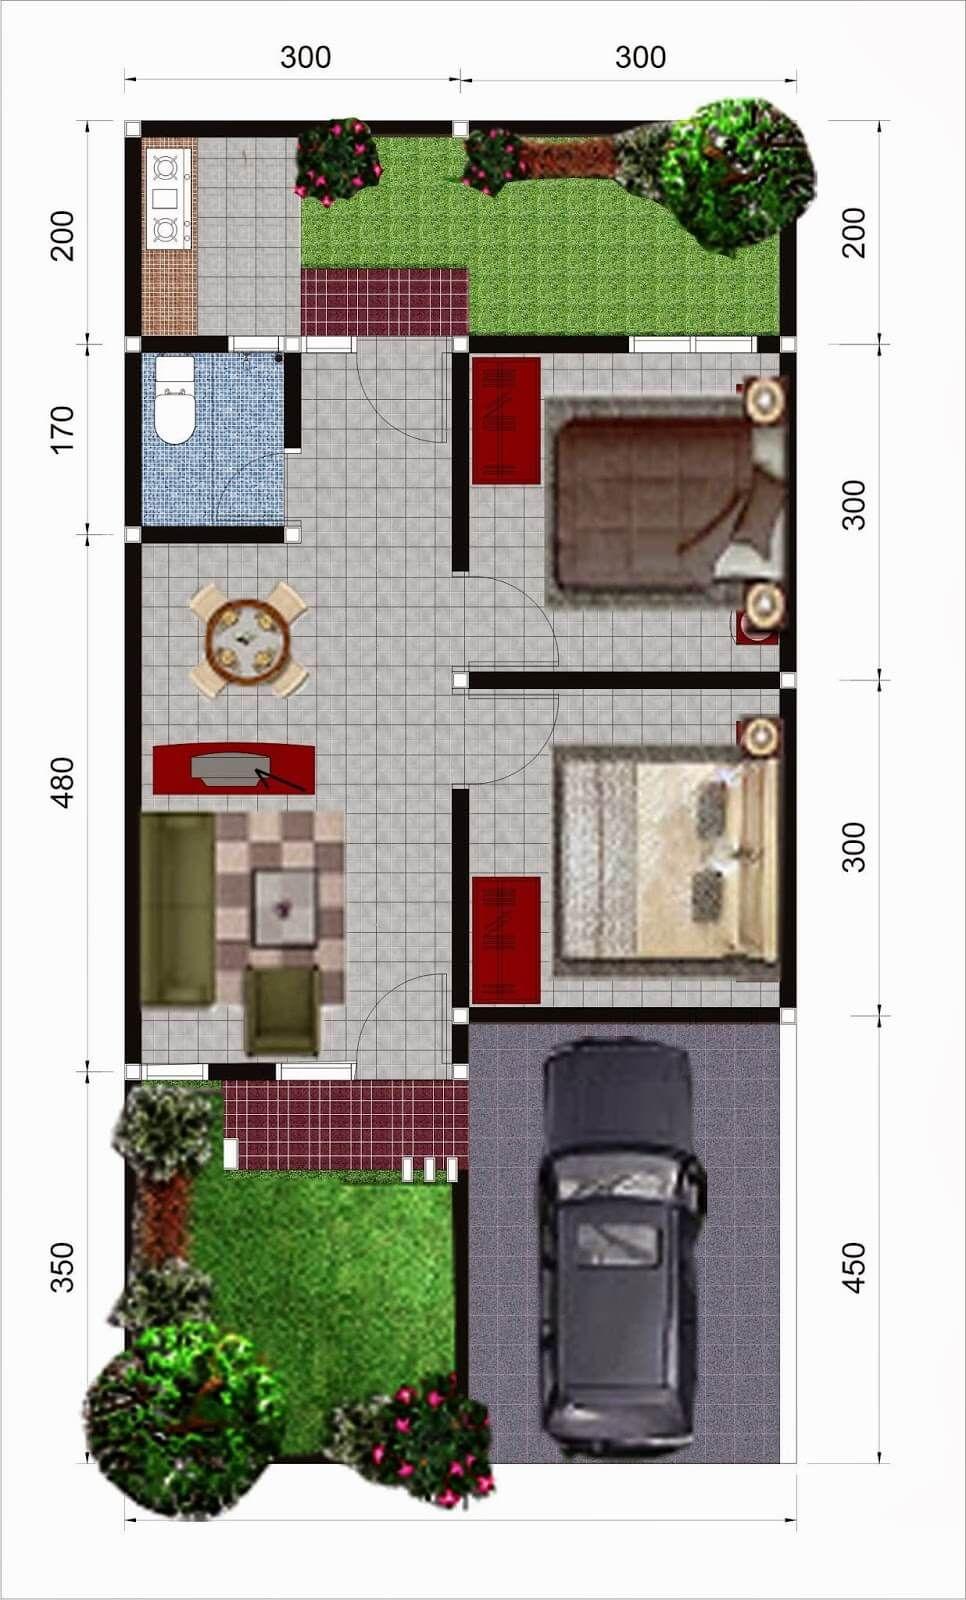 Amazing Beautiful House Plans With All Dimensions Engineering Discoveries Rumah Indah Denah Rumah Denah Lantai Rumah